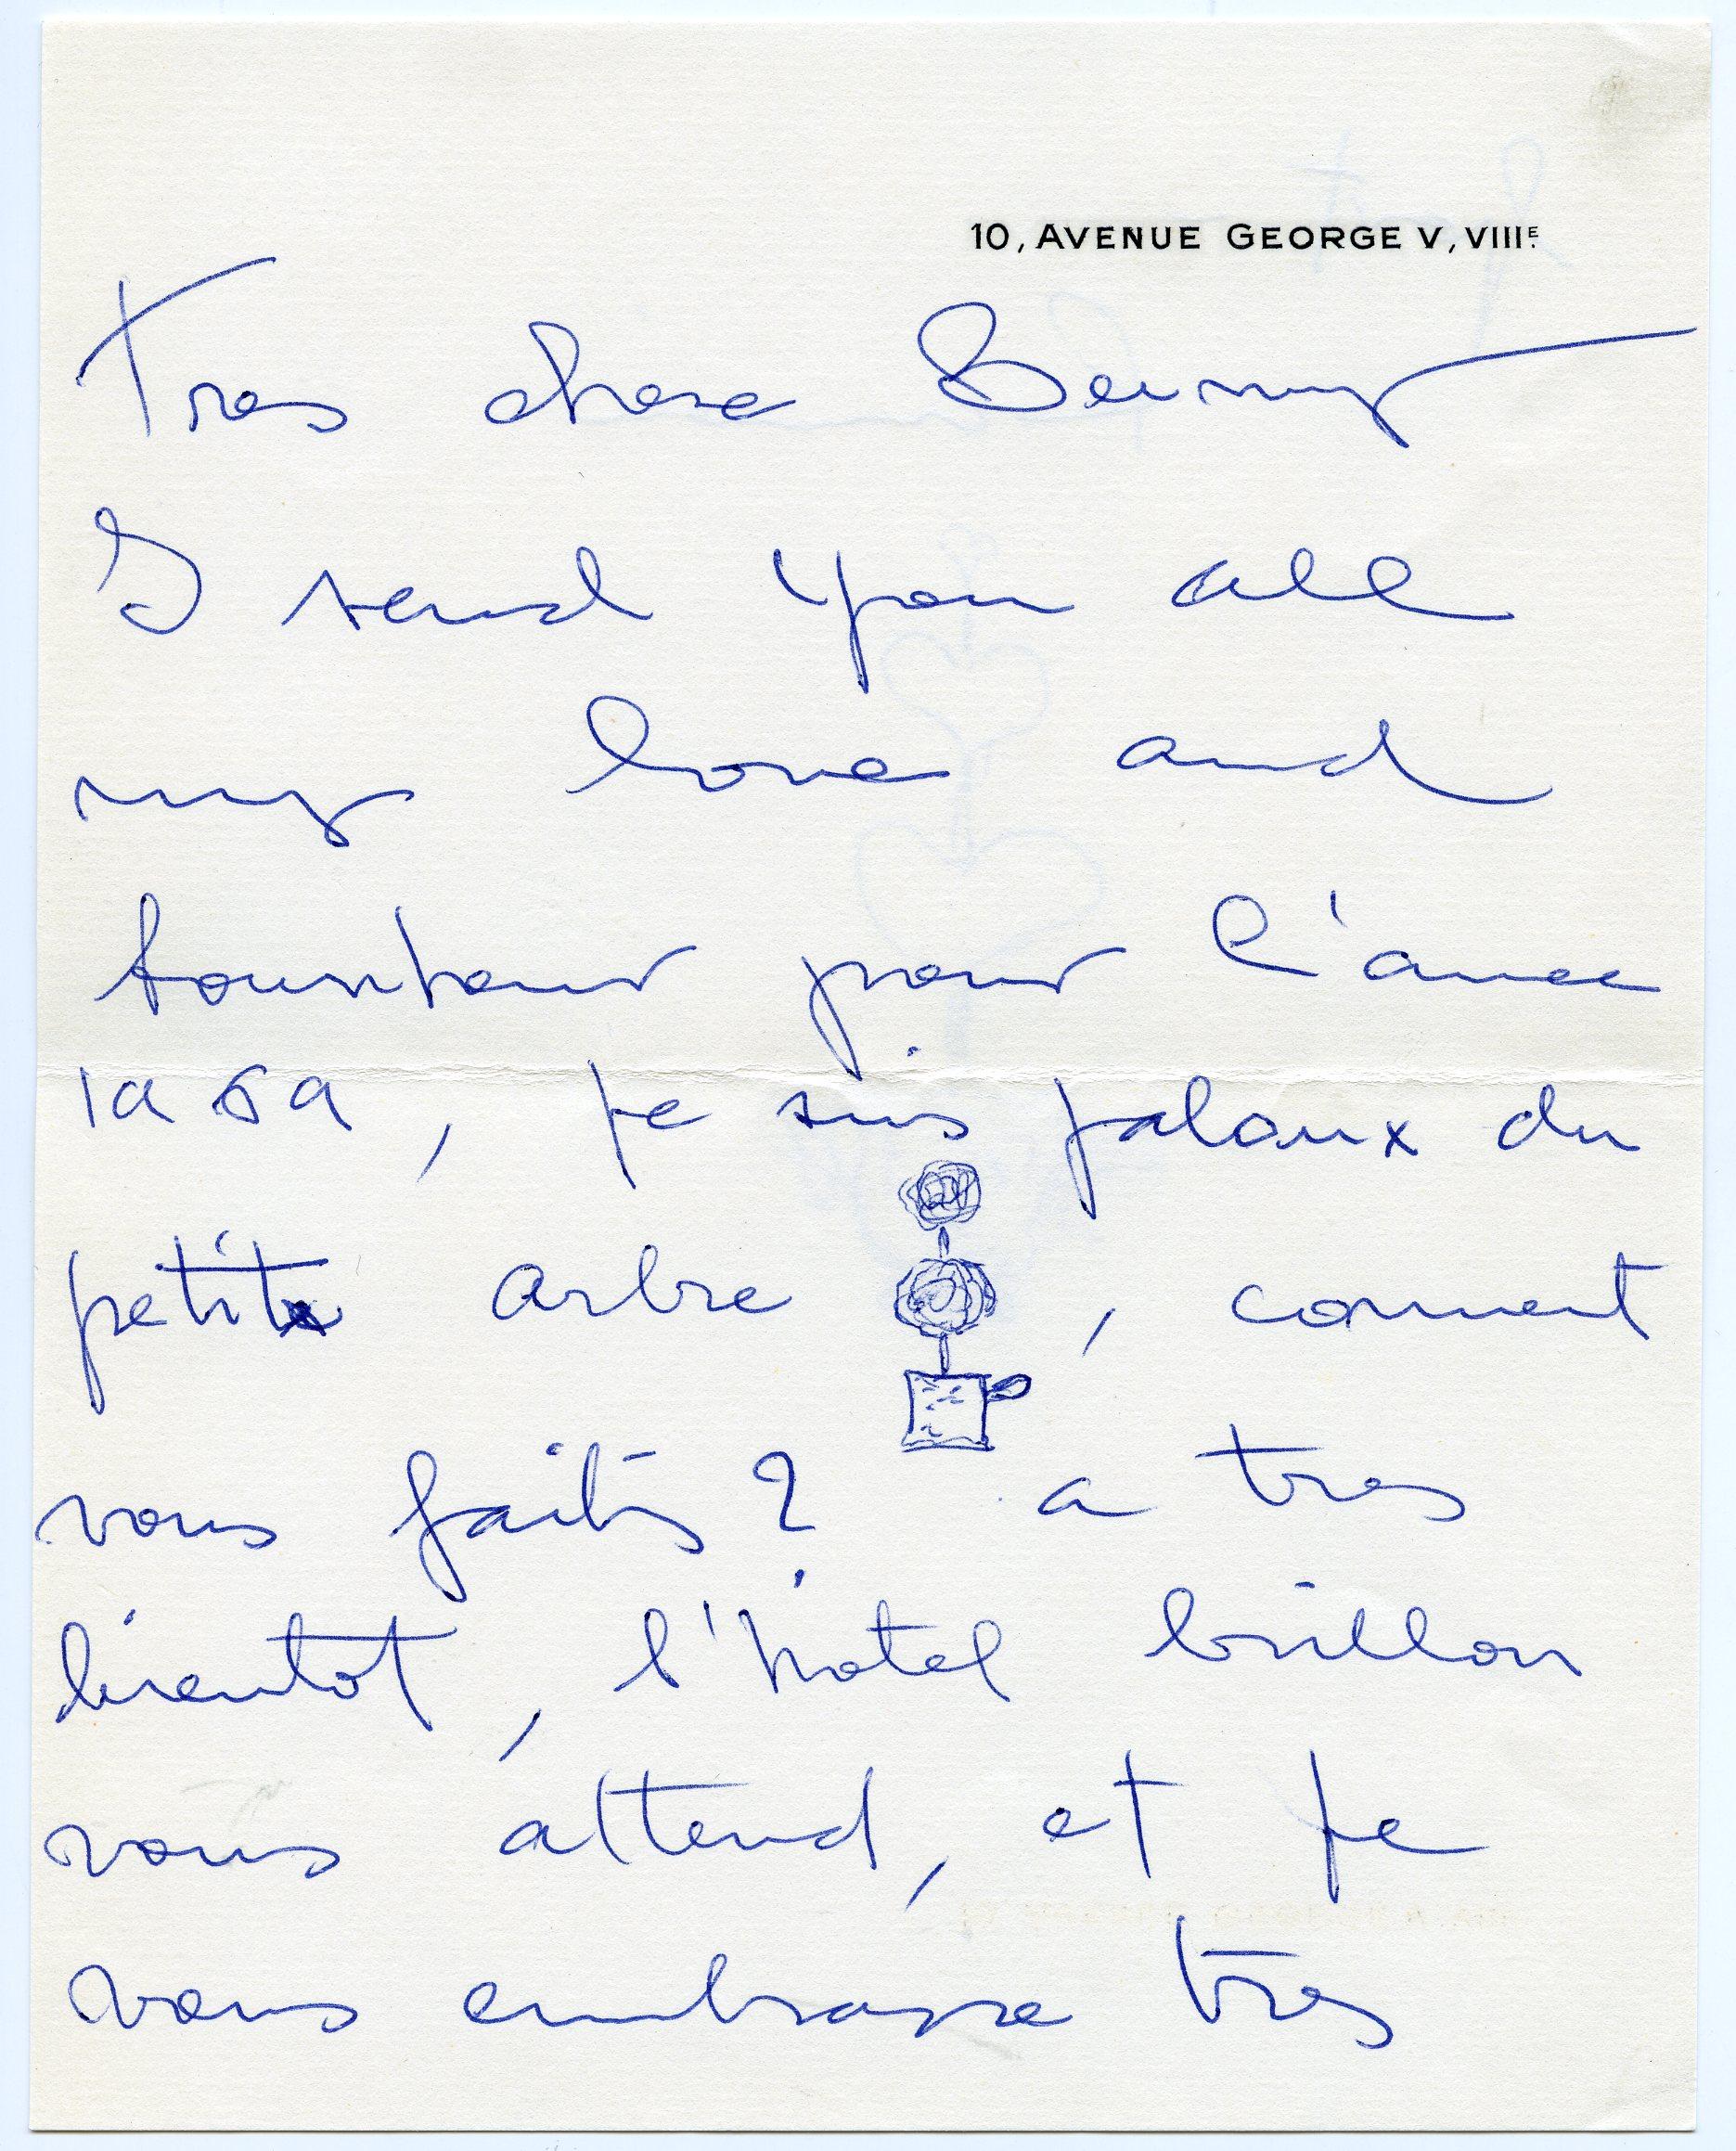 Carta enviada por Ramon Esparza a madame Paul Mellon